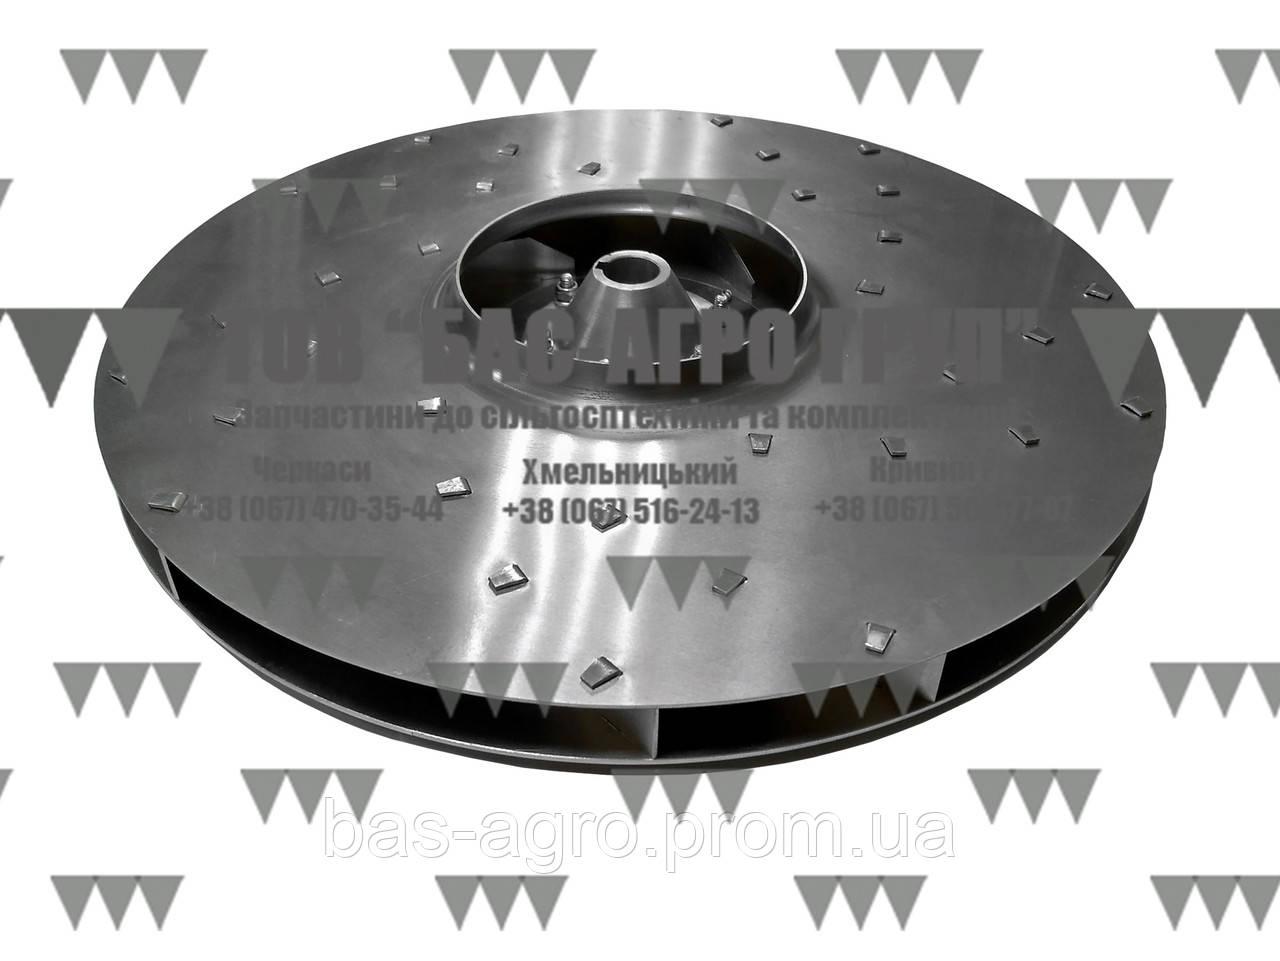 Крыльчатка вентилятора AC820825 Optima Kvernaland Аналог